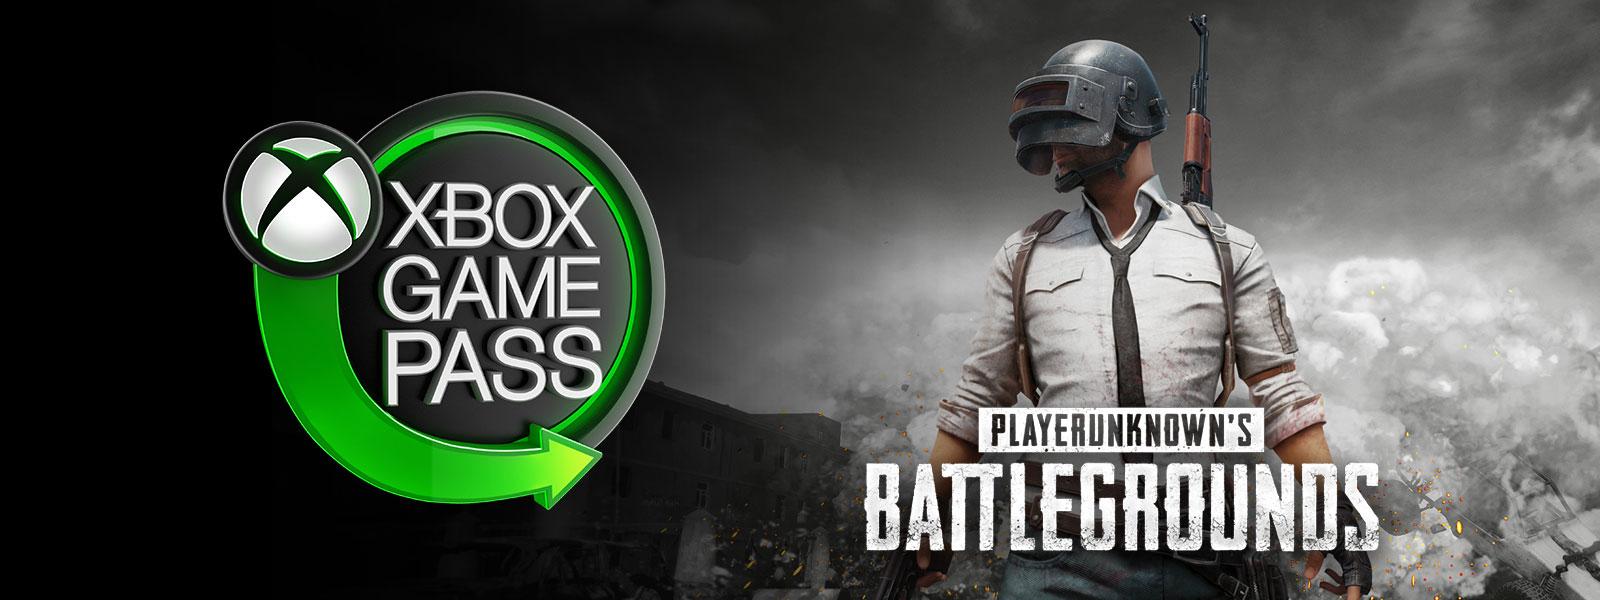 Xbox Game Pass-logo, Playerunknown's Battlegrounds, Mann med Spetsnaz-hjelm og pistol foran eksplosjoner